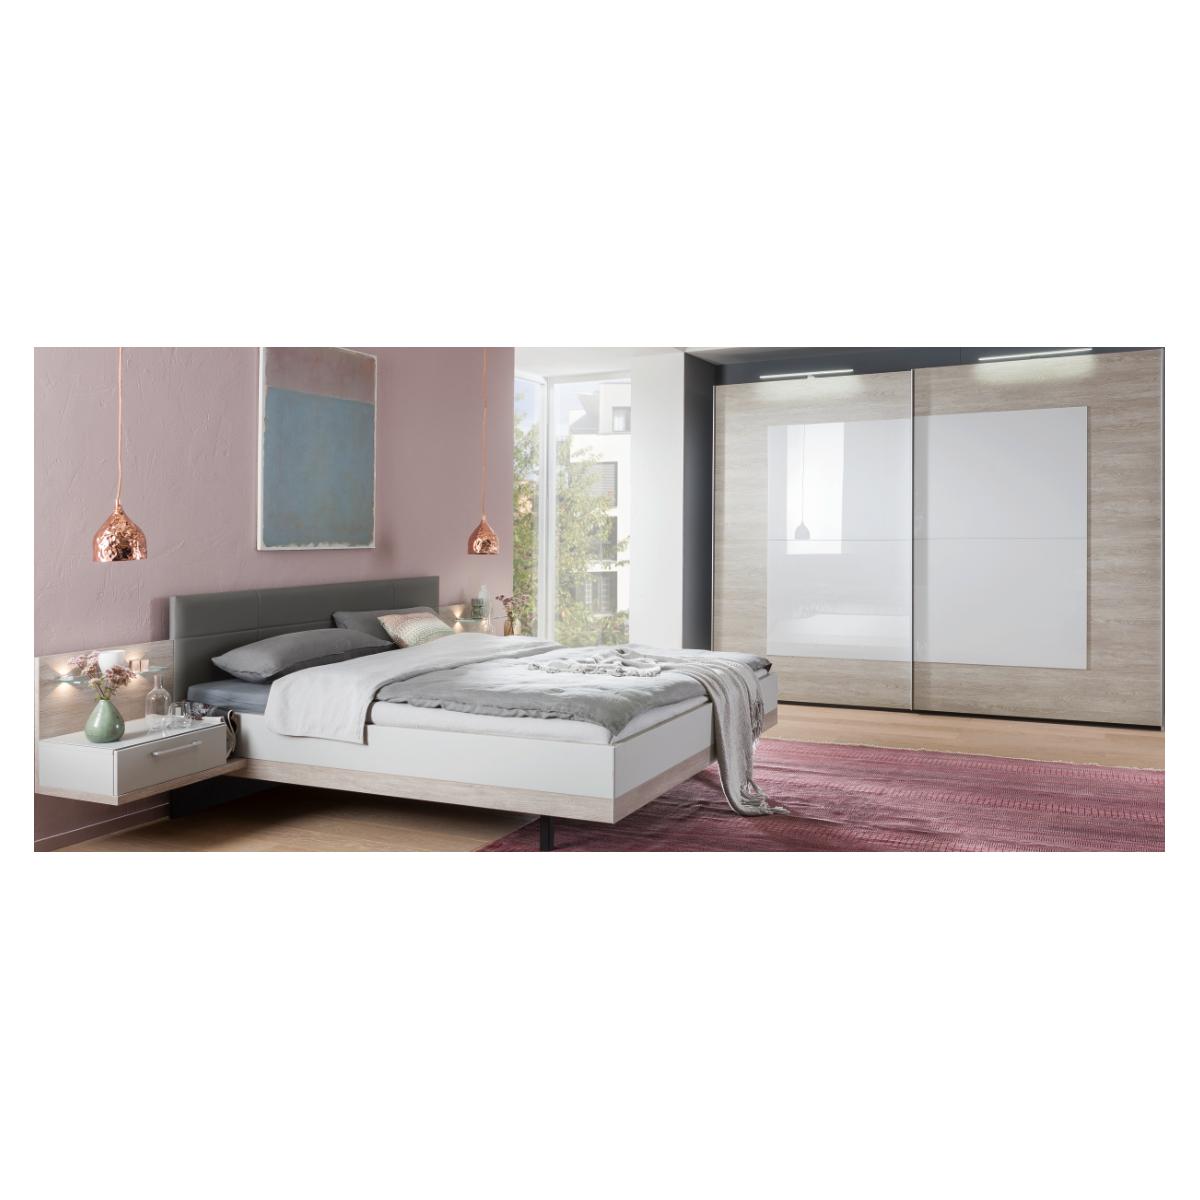 Nolte Möbel Novara Schlafzimmer bestehend aus Schwebetürenschrank 2-türig  Doppelbett mit Polster-Kopfteil Kunstleder Seidengrau Liegefläche ca. 180 x  ...